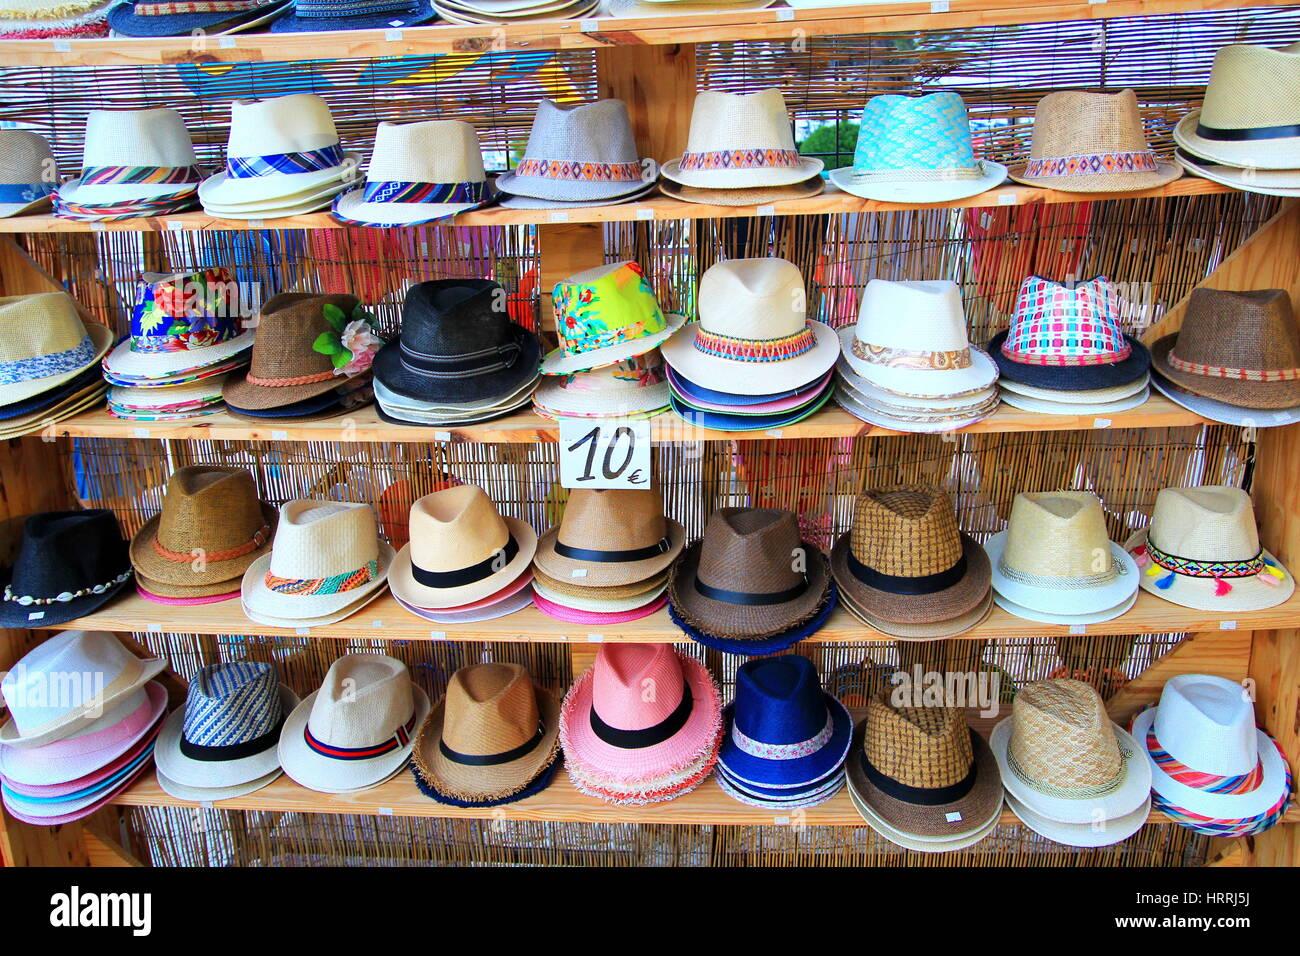 Panama Hats For Sale Imágenes De Stock   Panama Hats For Sale Fotos ... 58613e93e98